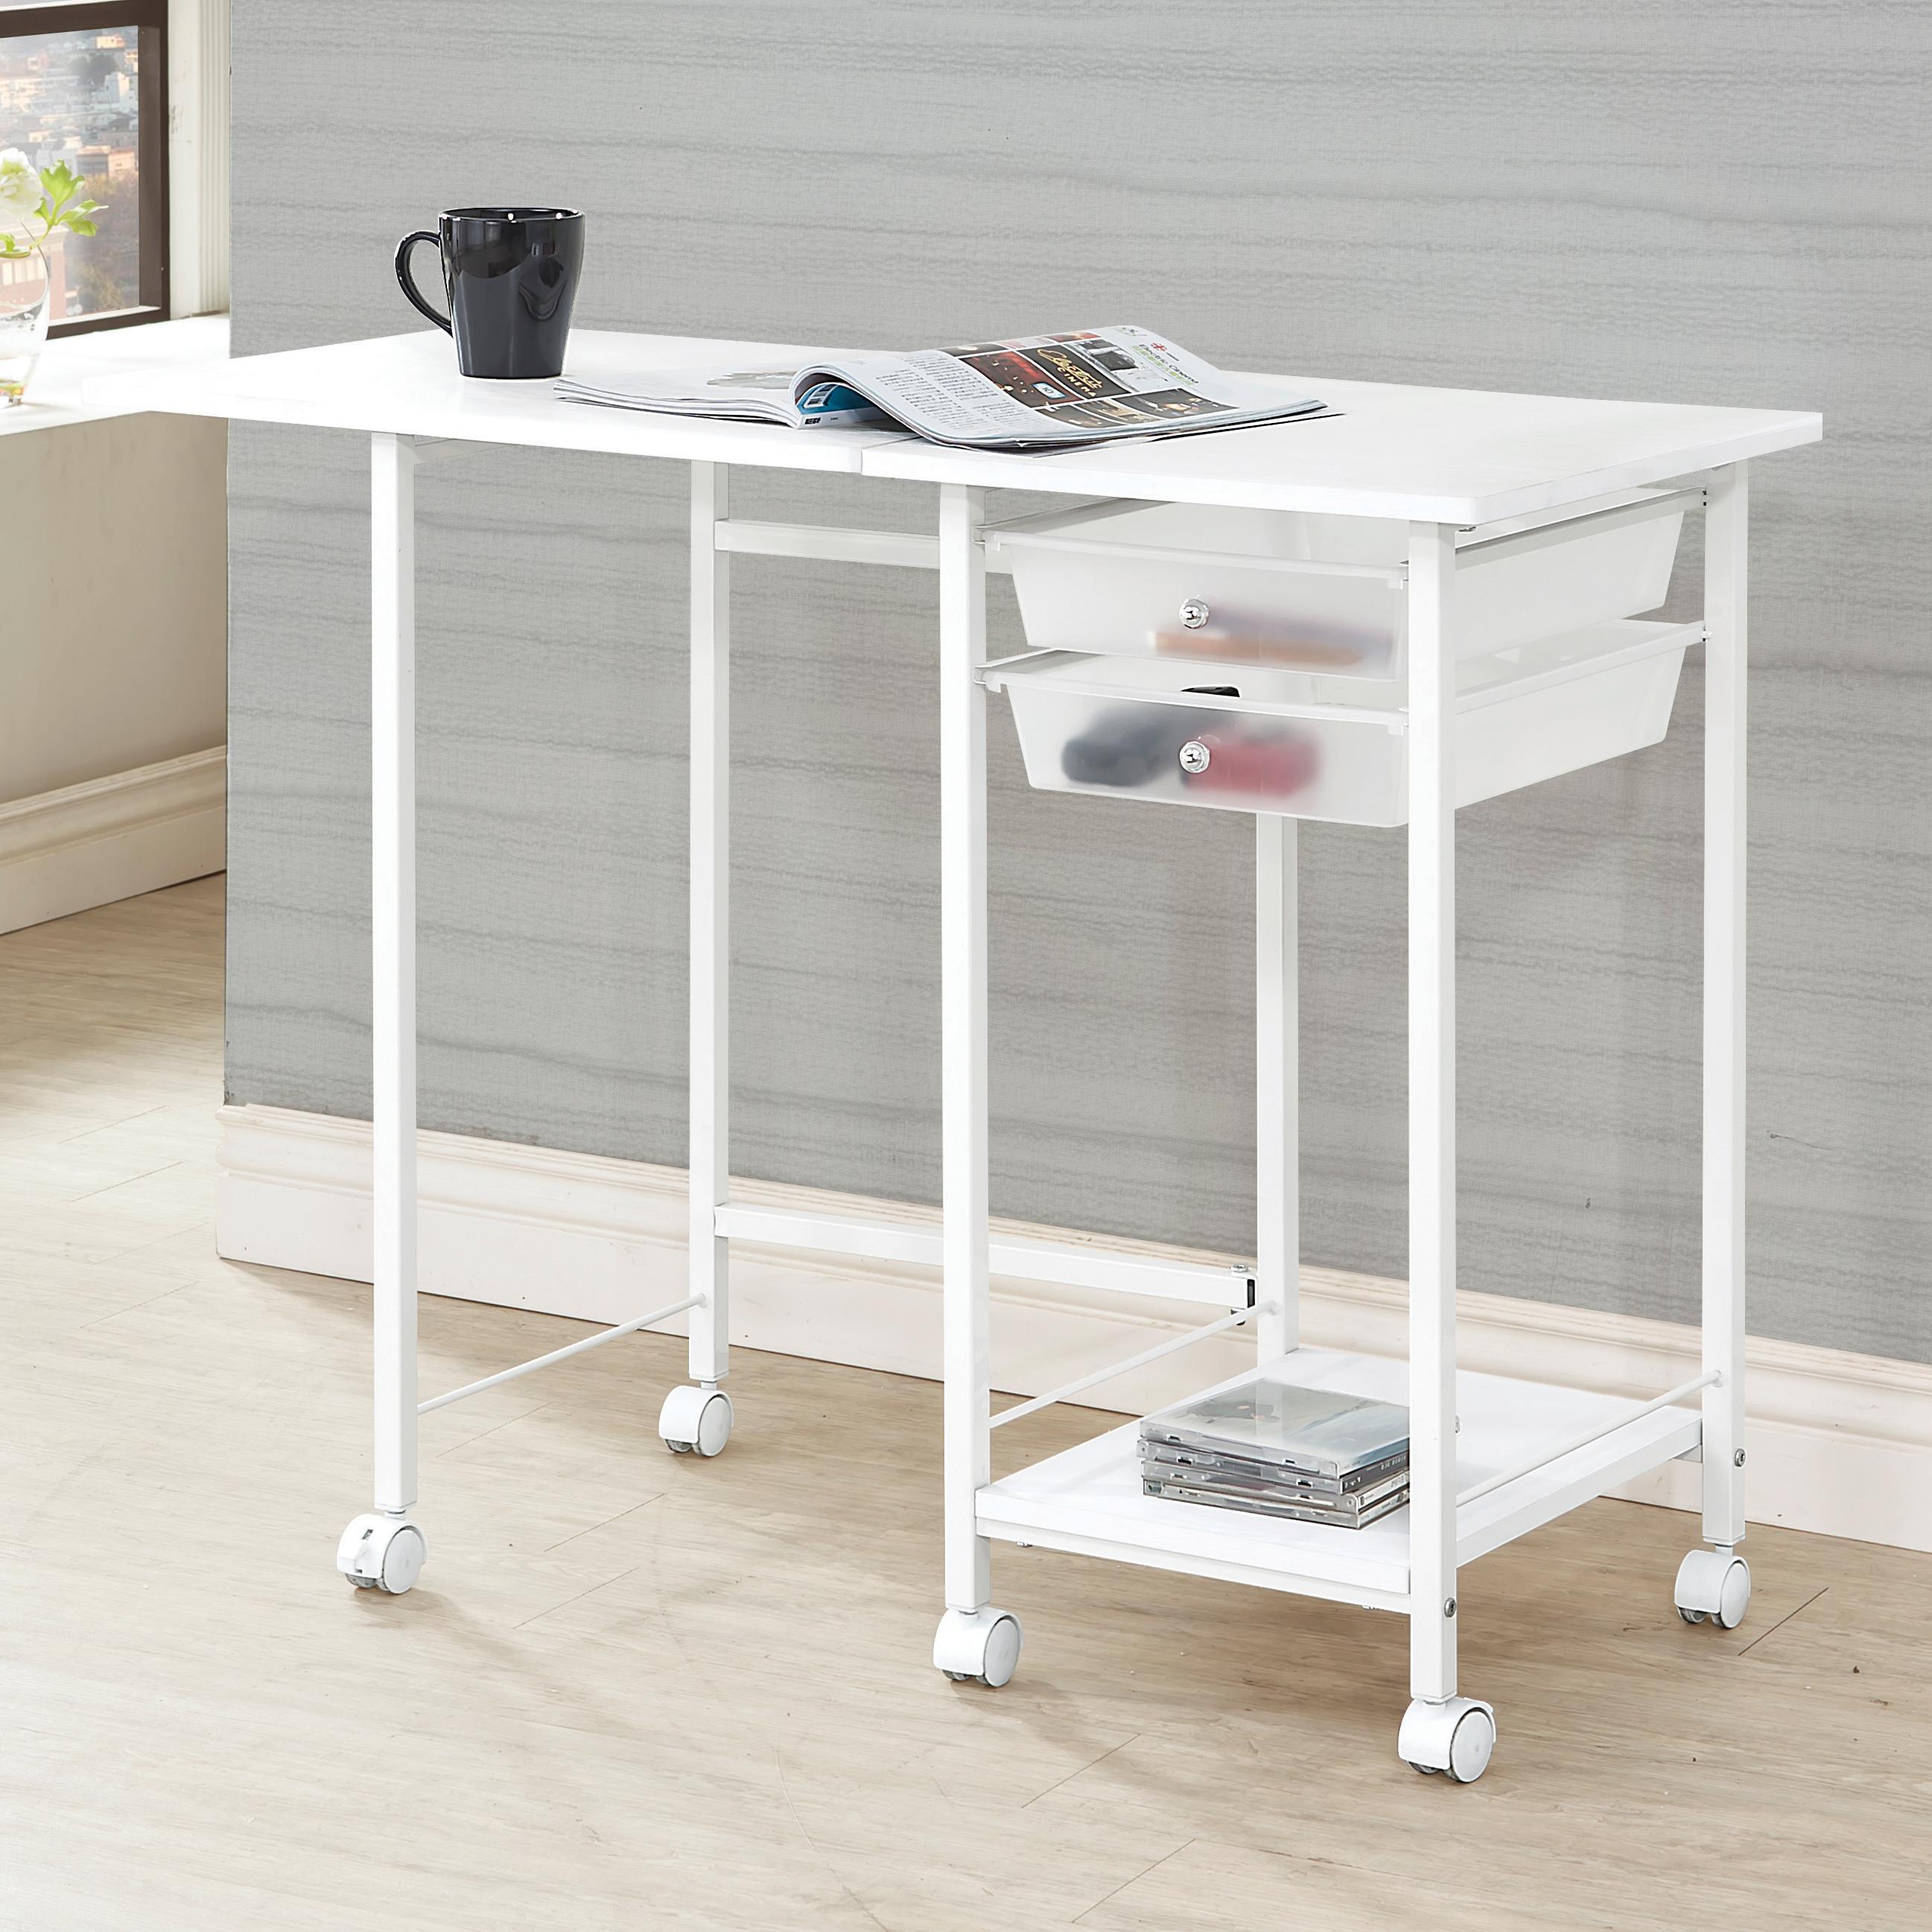 Coaster Desks Folding Desk - Item Number: 800430